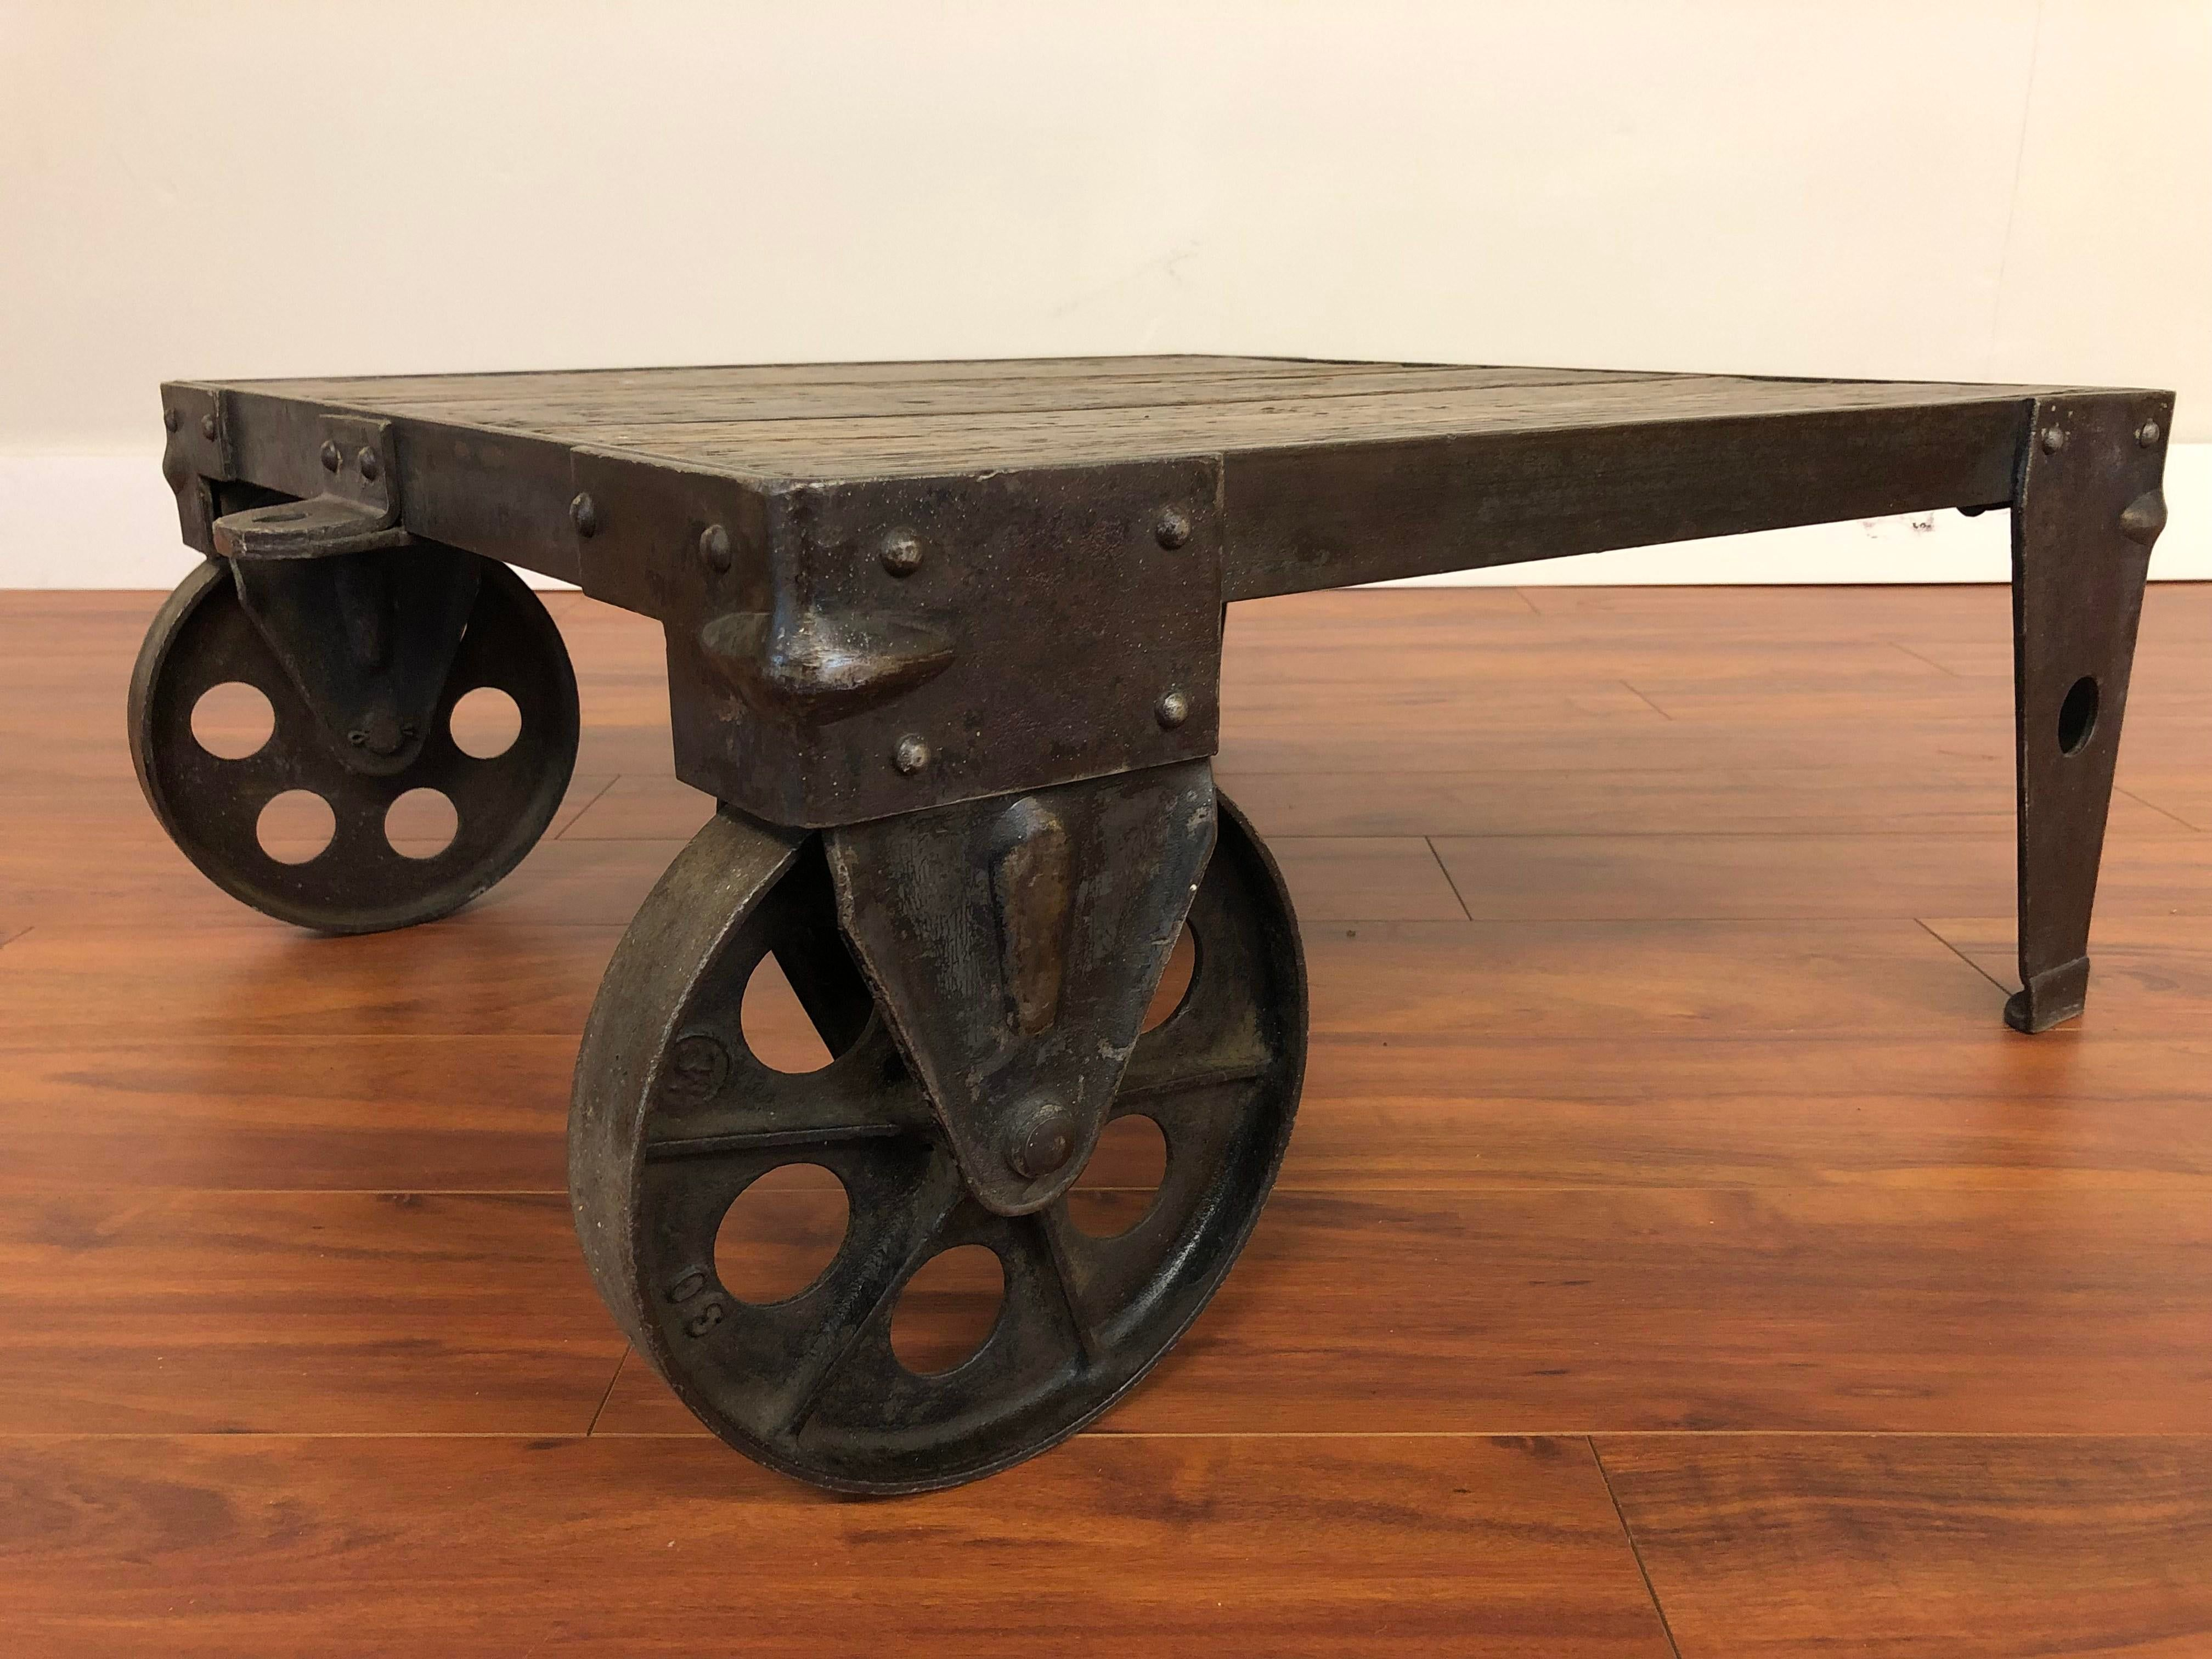 Industrial Coffee Table Cart In 2021 Metal Work Table Industrial Coffee Table Rustic Industrial Table [ 3024 x 4032 Pixel ]